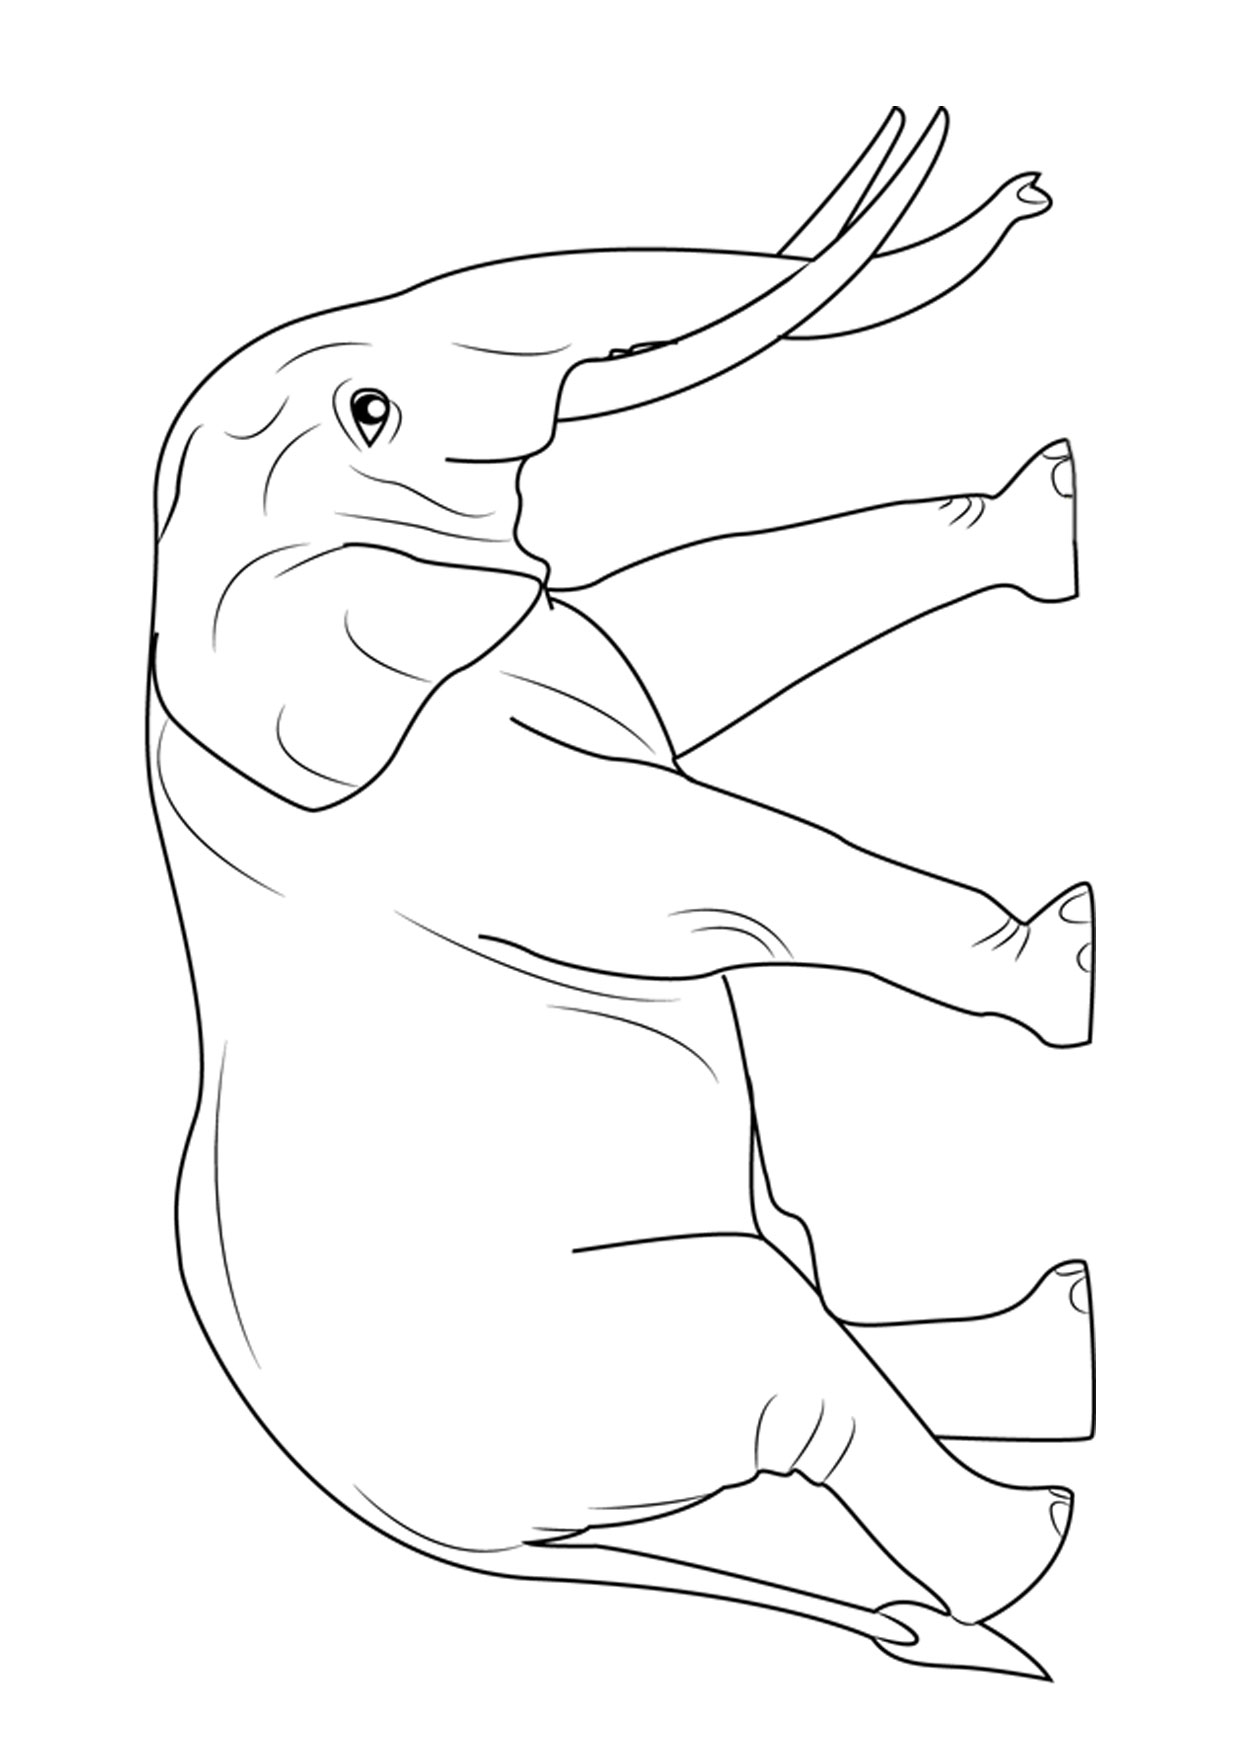 Disegno di elefanti da colorare 02